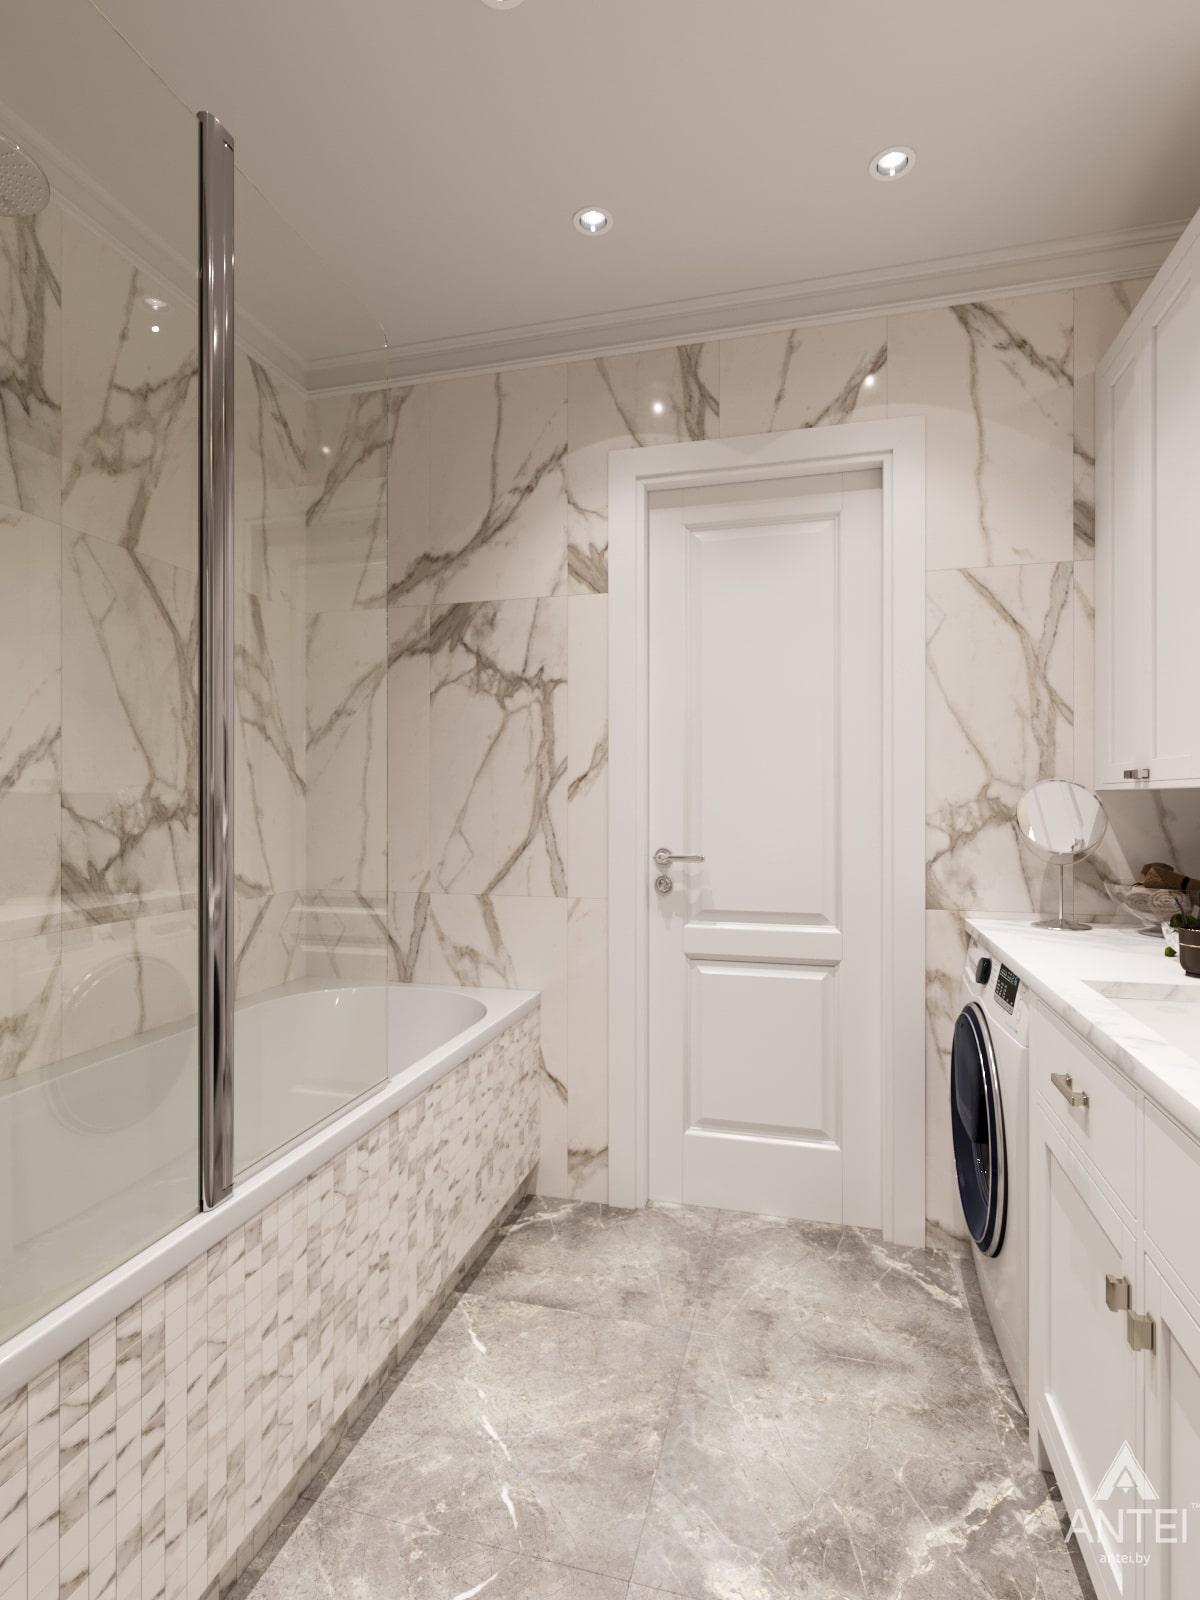 Дизайн интерьера трехкомнатной квартиры в Гомеле, ул. Бородина Т.С. - ванная фото №3